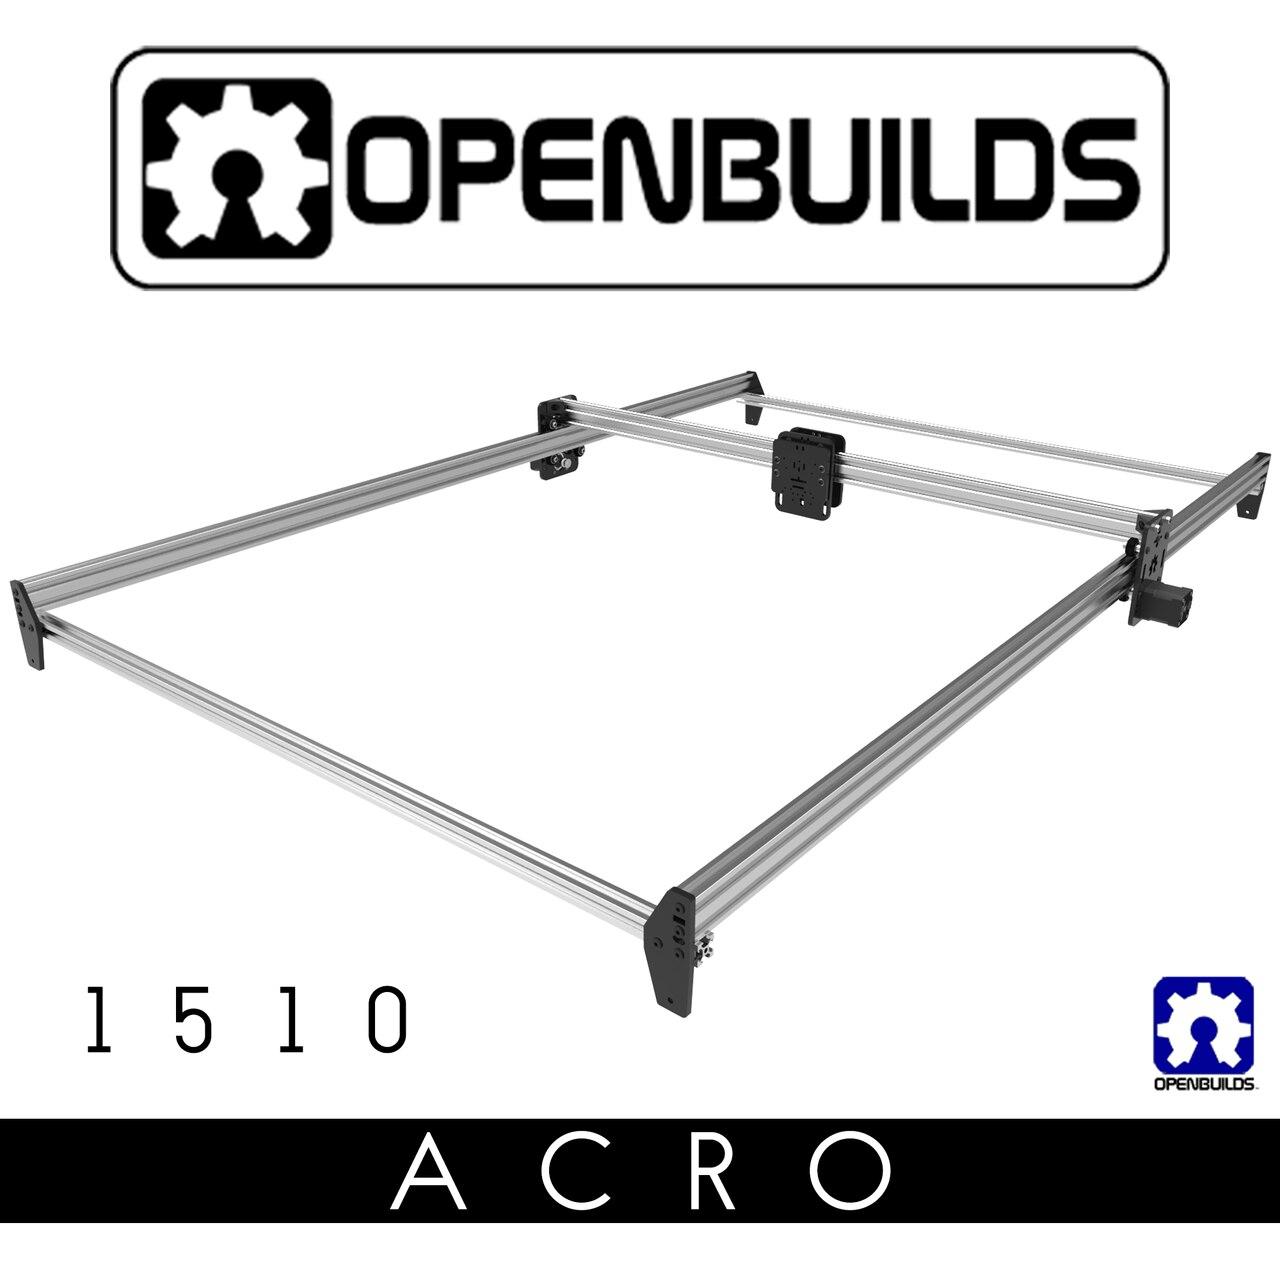 Système Acro OpenBuilds